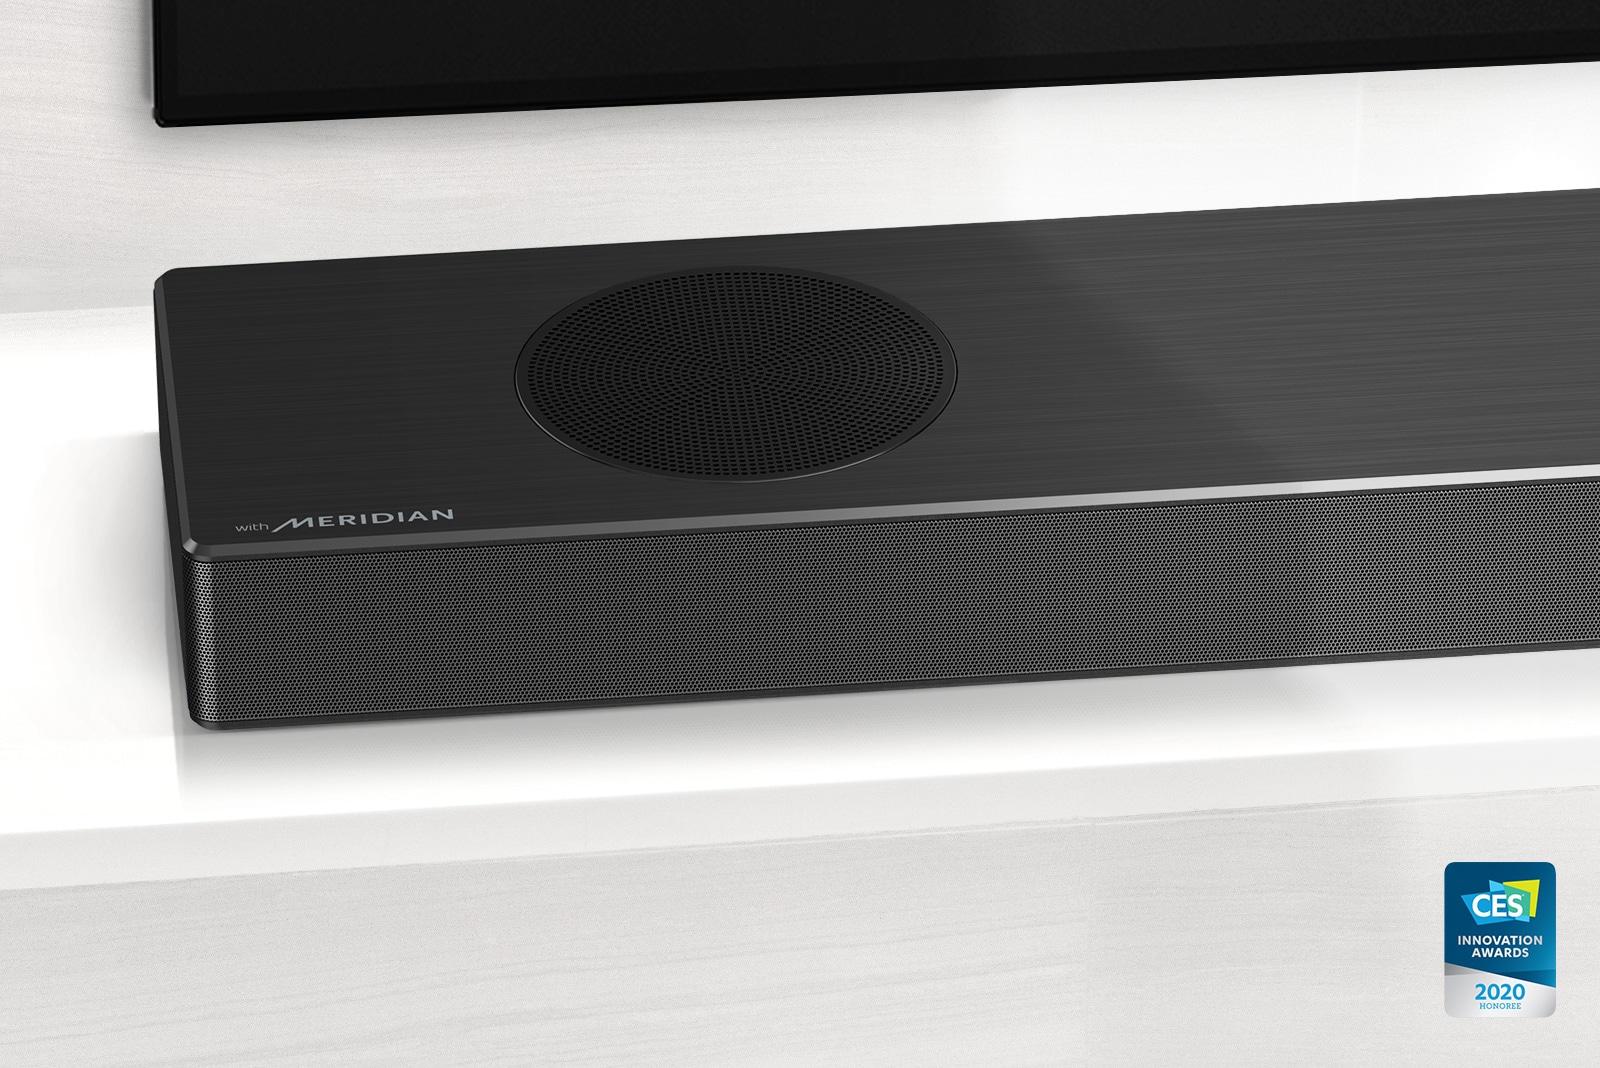 Close-up of LG Soundbar left side with Meridian logo shown on bottom left corner. Bottom left side of TV is also visible.